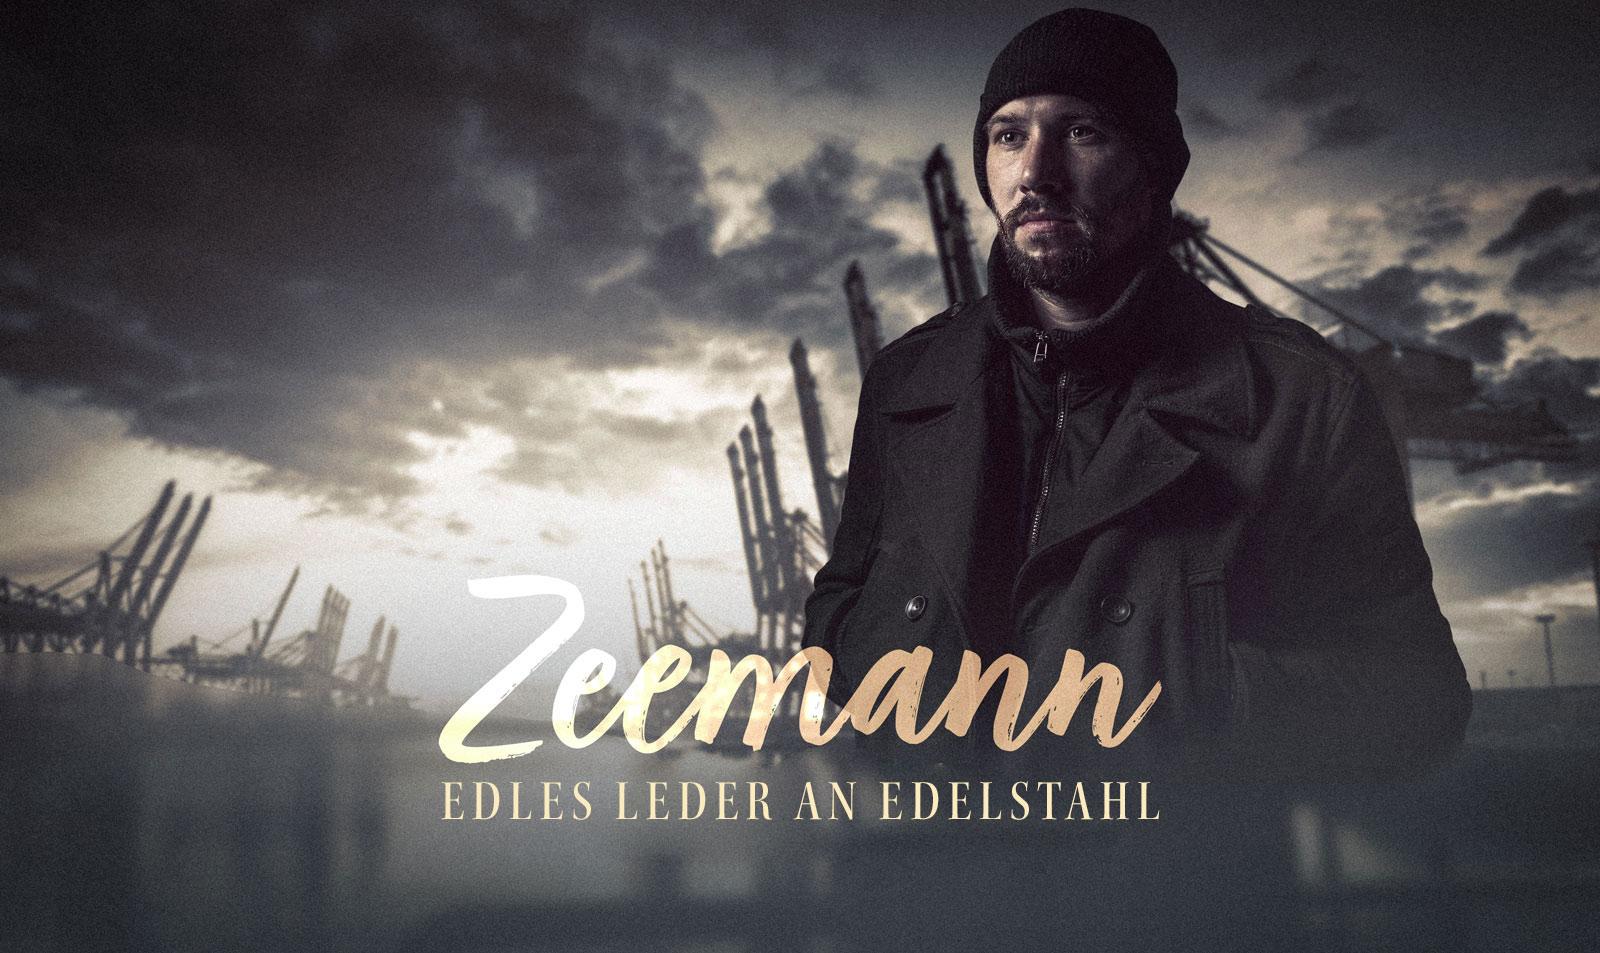 Titelbild-zeemann